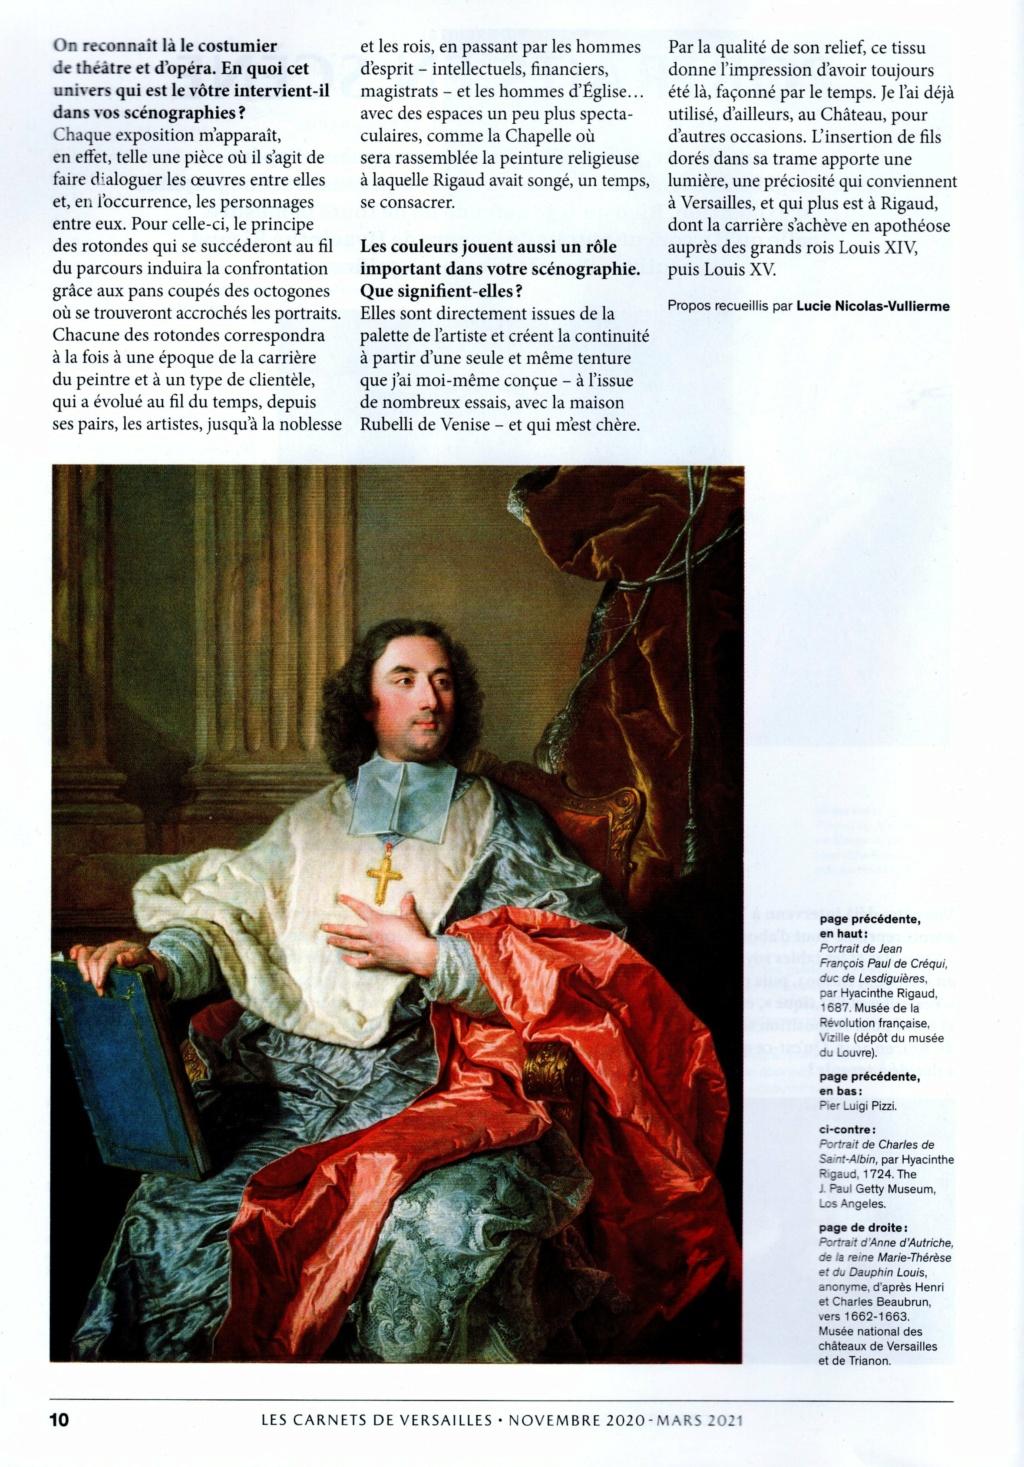 Hyacinthe Rigaud ou le portrait Soleil, expo Versailles 2020 Img20502